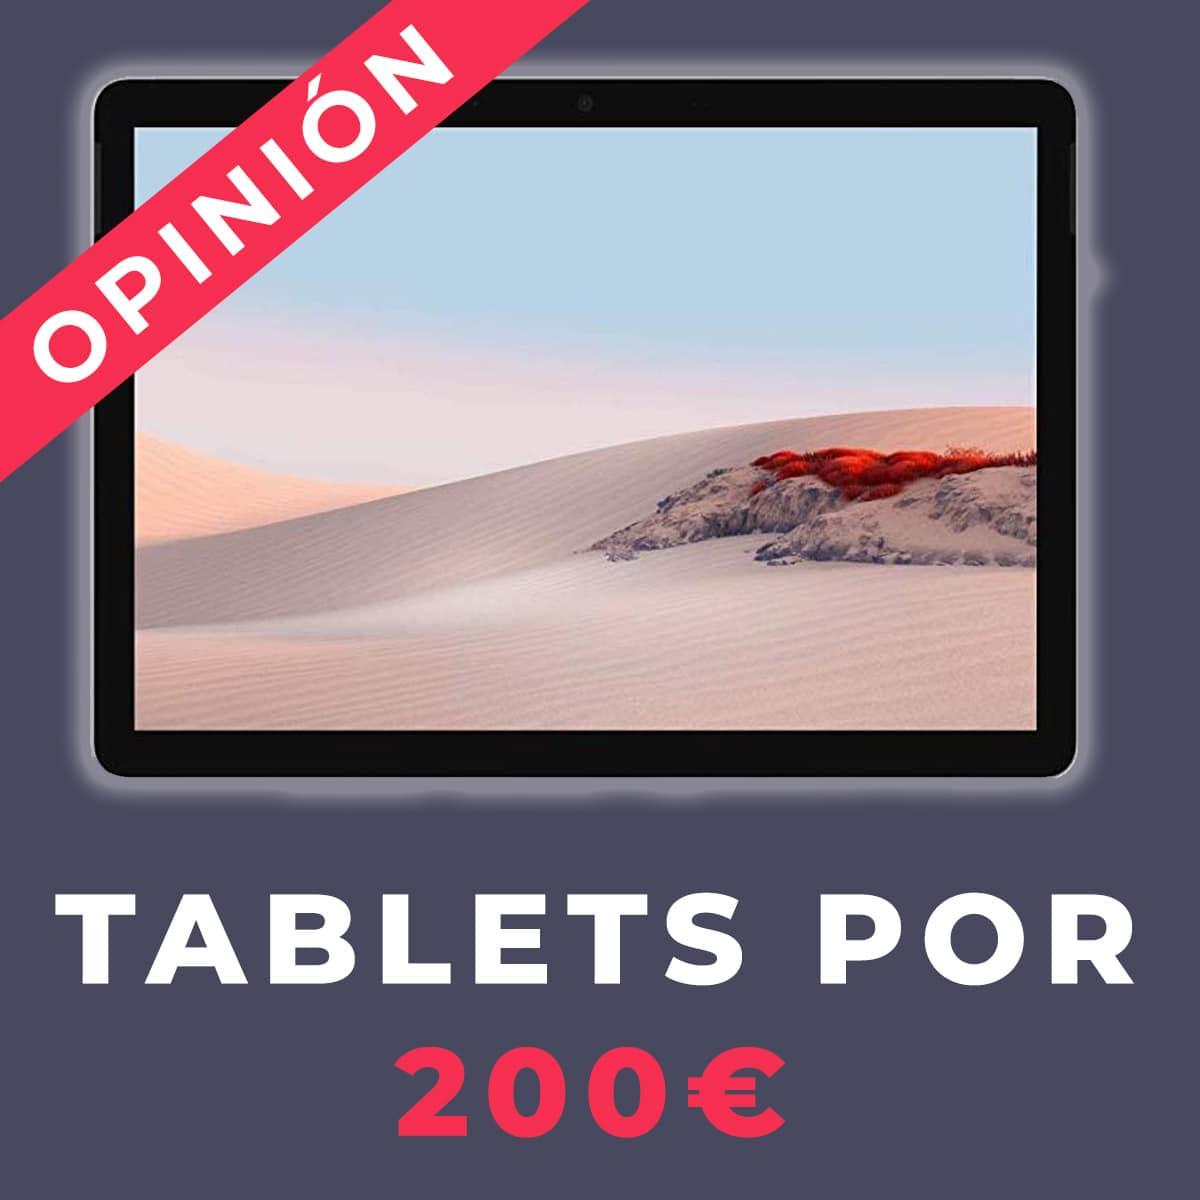 tablets por 200 euros